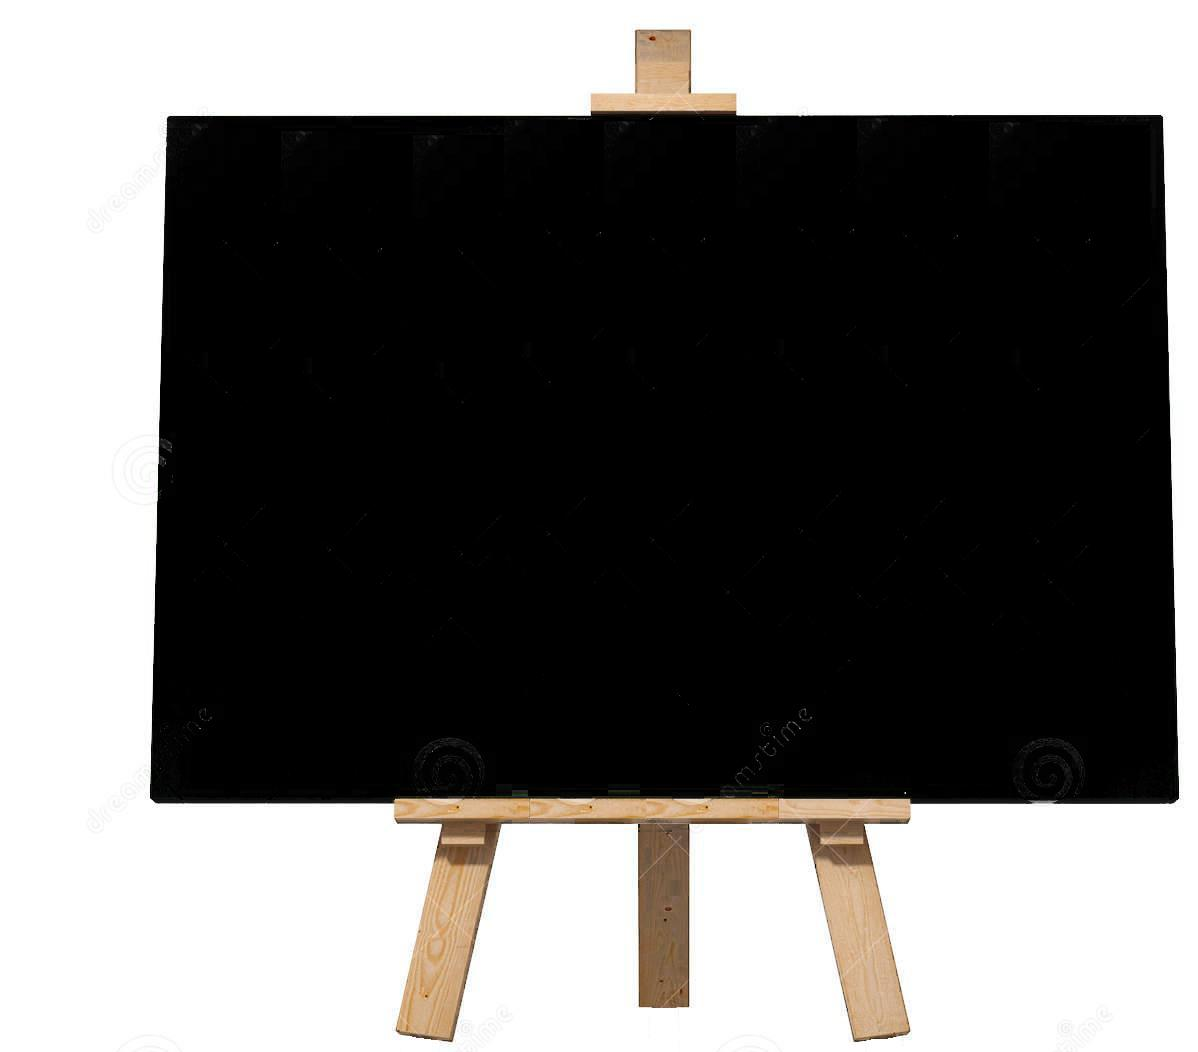 Μίνι Μαύρος πίνακας με ξύλινο τρίποδο 24x20cm Foska